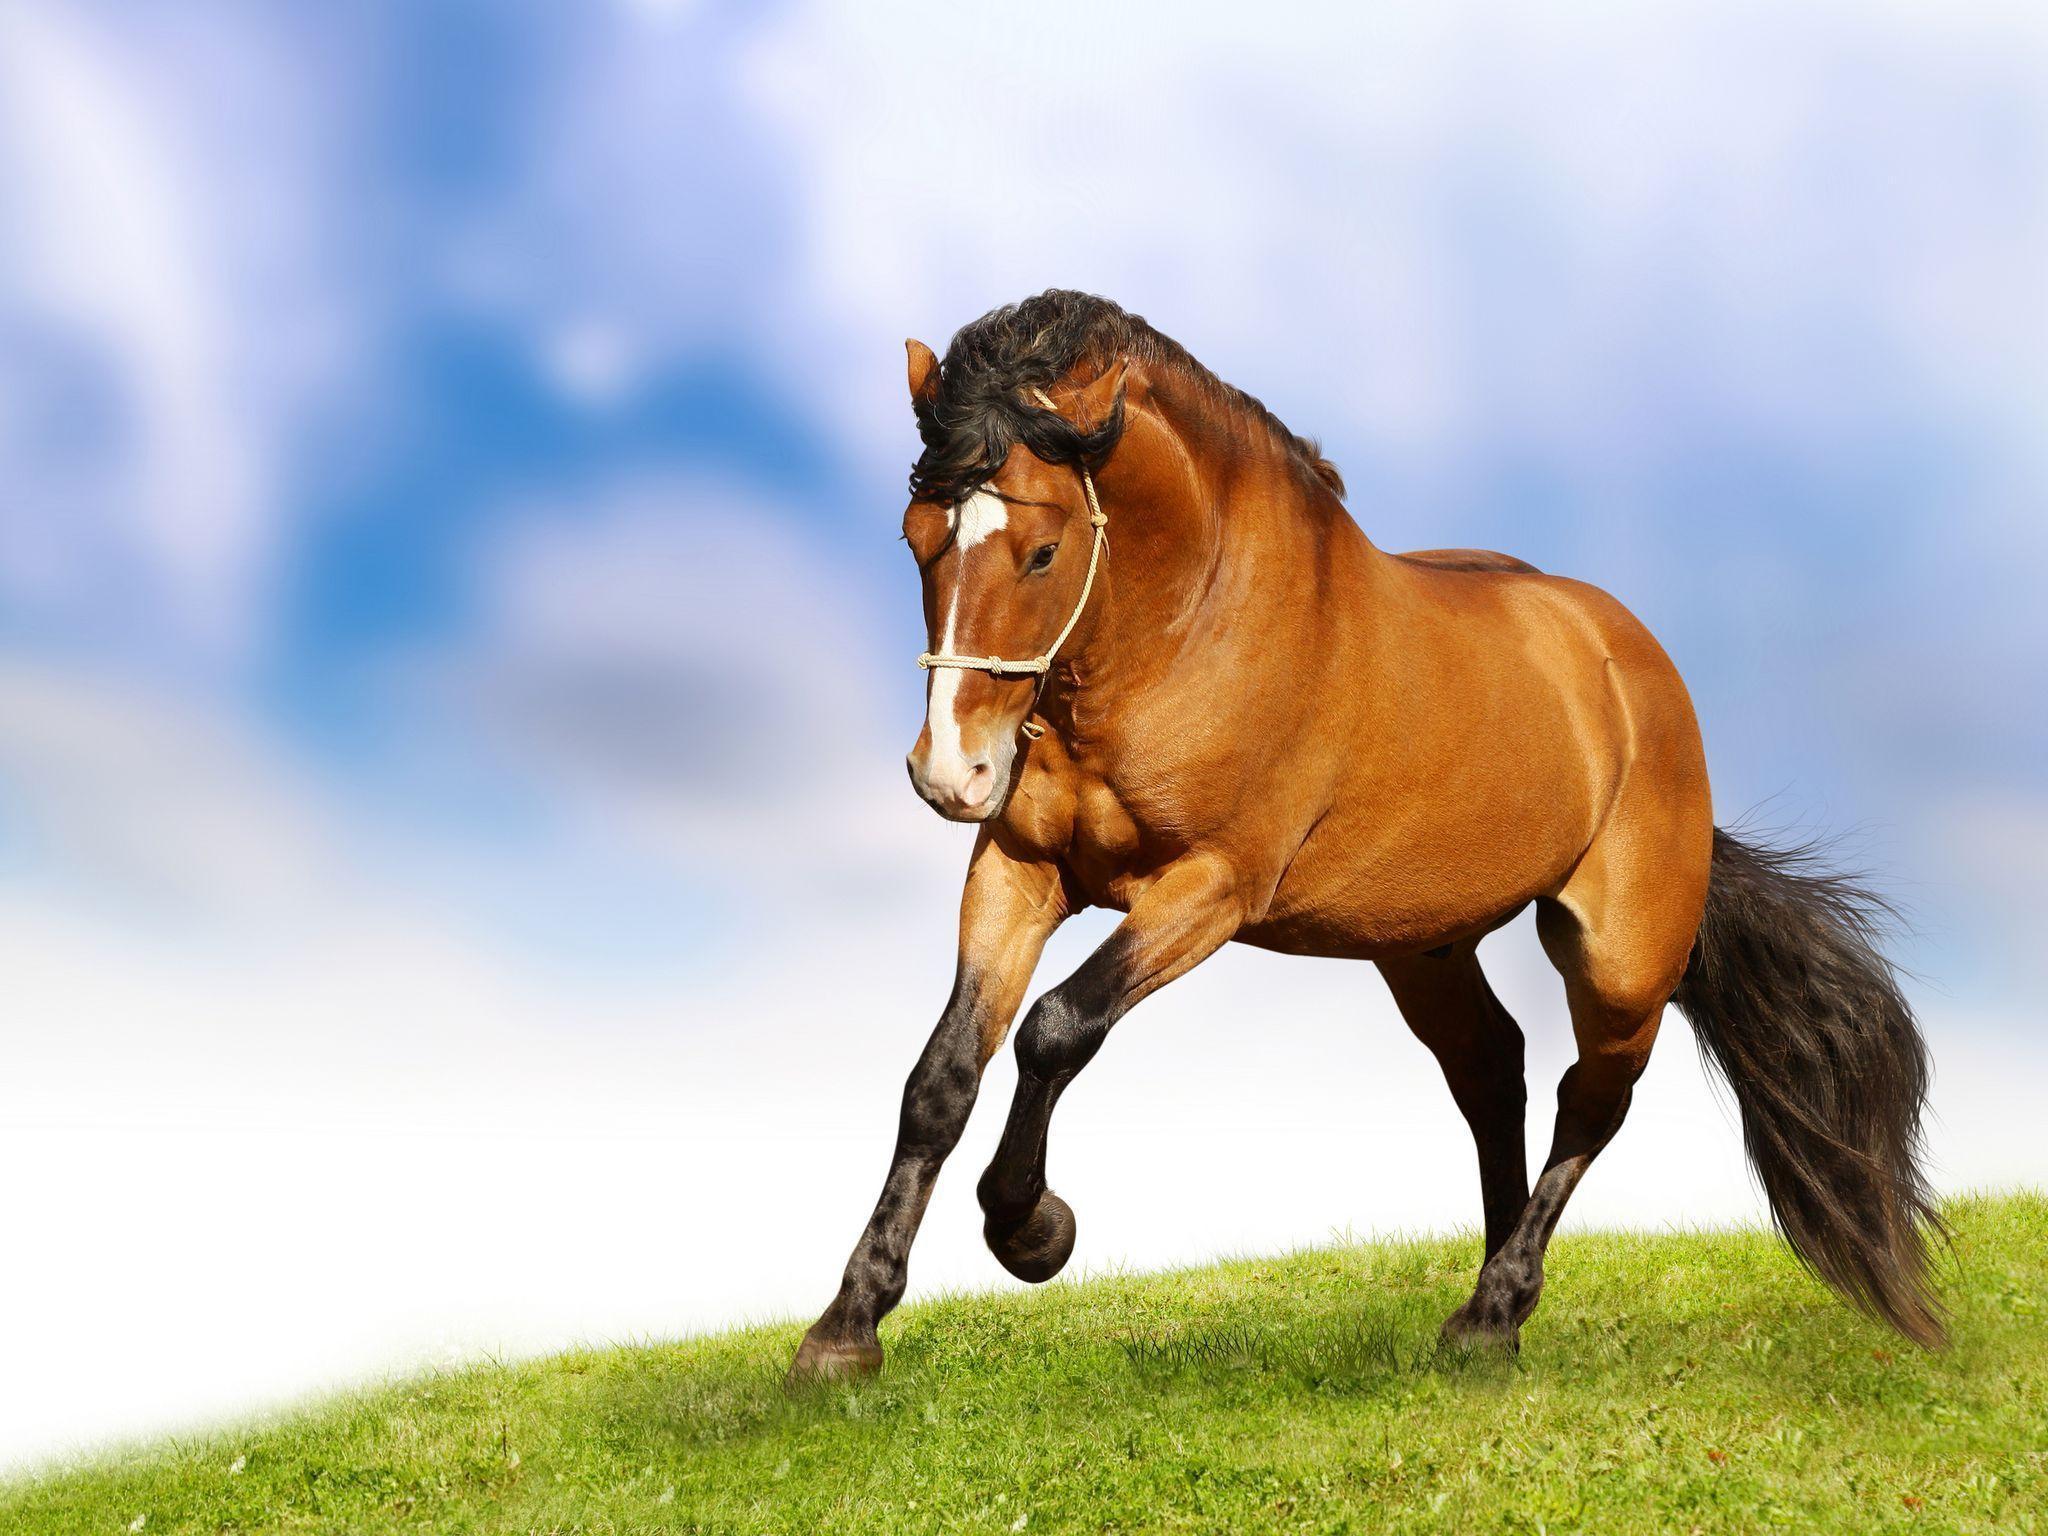 Beautiful-Horse-Wallpaper-10.jpg